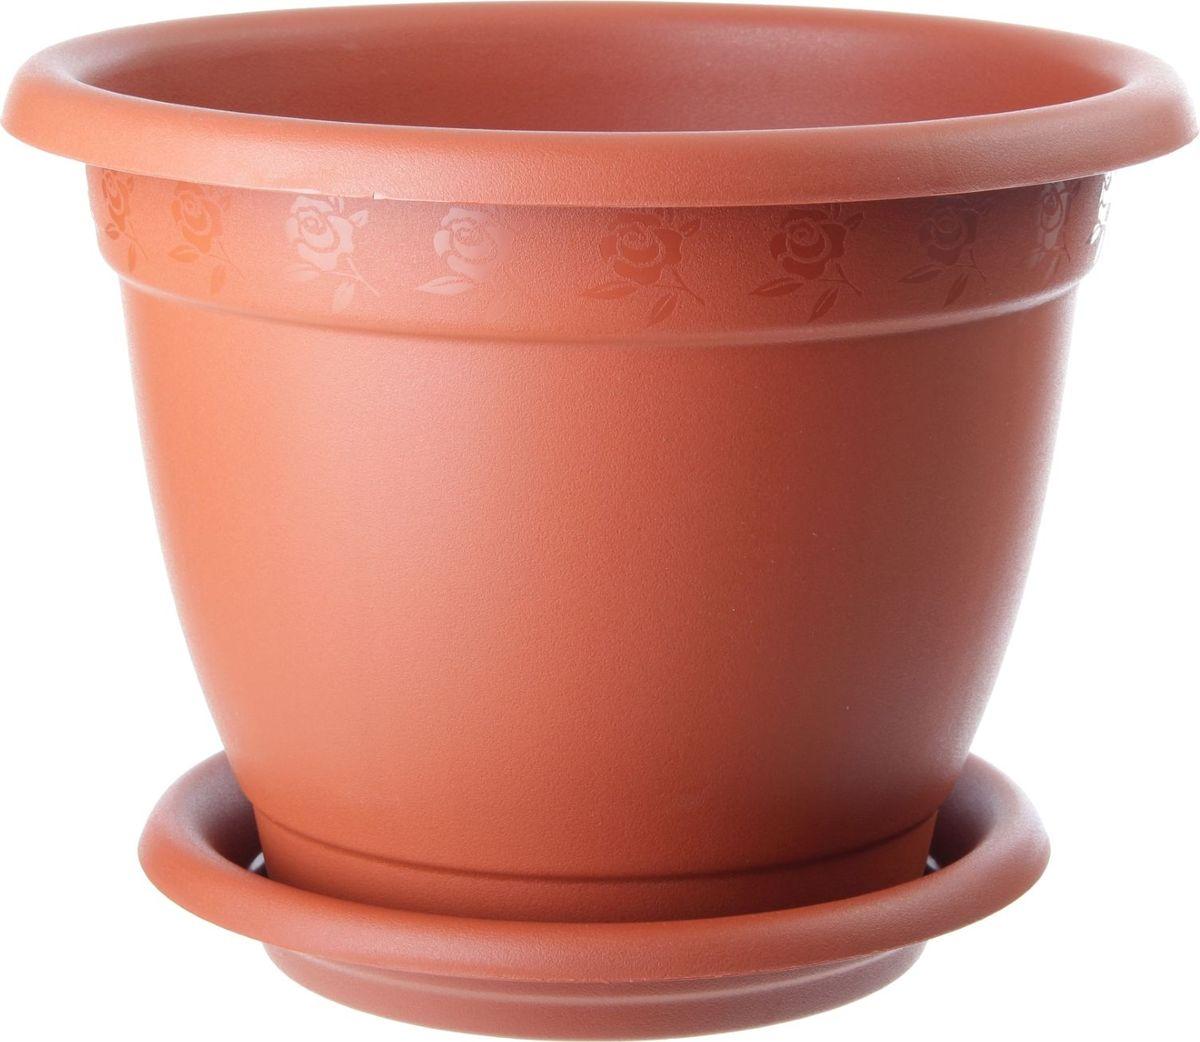 Горшок для цветов InGreen Борнео, с поддоном, цвет: терракотовый, диаметр 34 смING42034FТРЦветочный горшок с поддоном InGreen Борнео, выполненный из высококачественного пластика, сочетает в себе классический дизайн и функциональность. Он станет прекрасным дополнением любого интерьера. Горшок имеет дренажные отверстия, что способствует выведению лишней влаги из почвы и предотвращает гниение корневой системы растения. Благодаря специальной крепежной системе поддон прочно крепится к горшку, что обеспечивает удобство эксплуатации изделия. Между стенкой горшка и поддоном есть зазор, который позволяет испаряться лишней влаге и дает возможность прикорневого полива растения. Горшок InGreen Борнео предназначен для выращивания многолетних и однолетних растений.